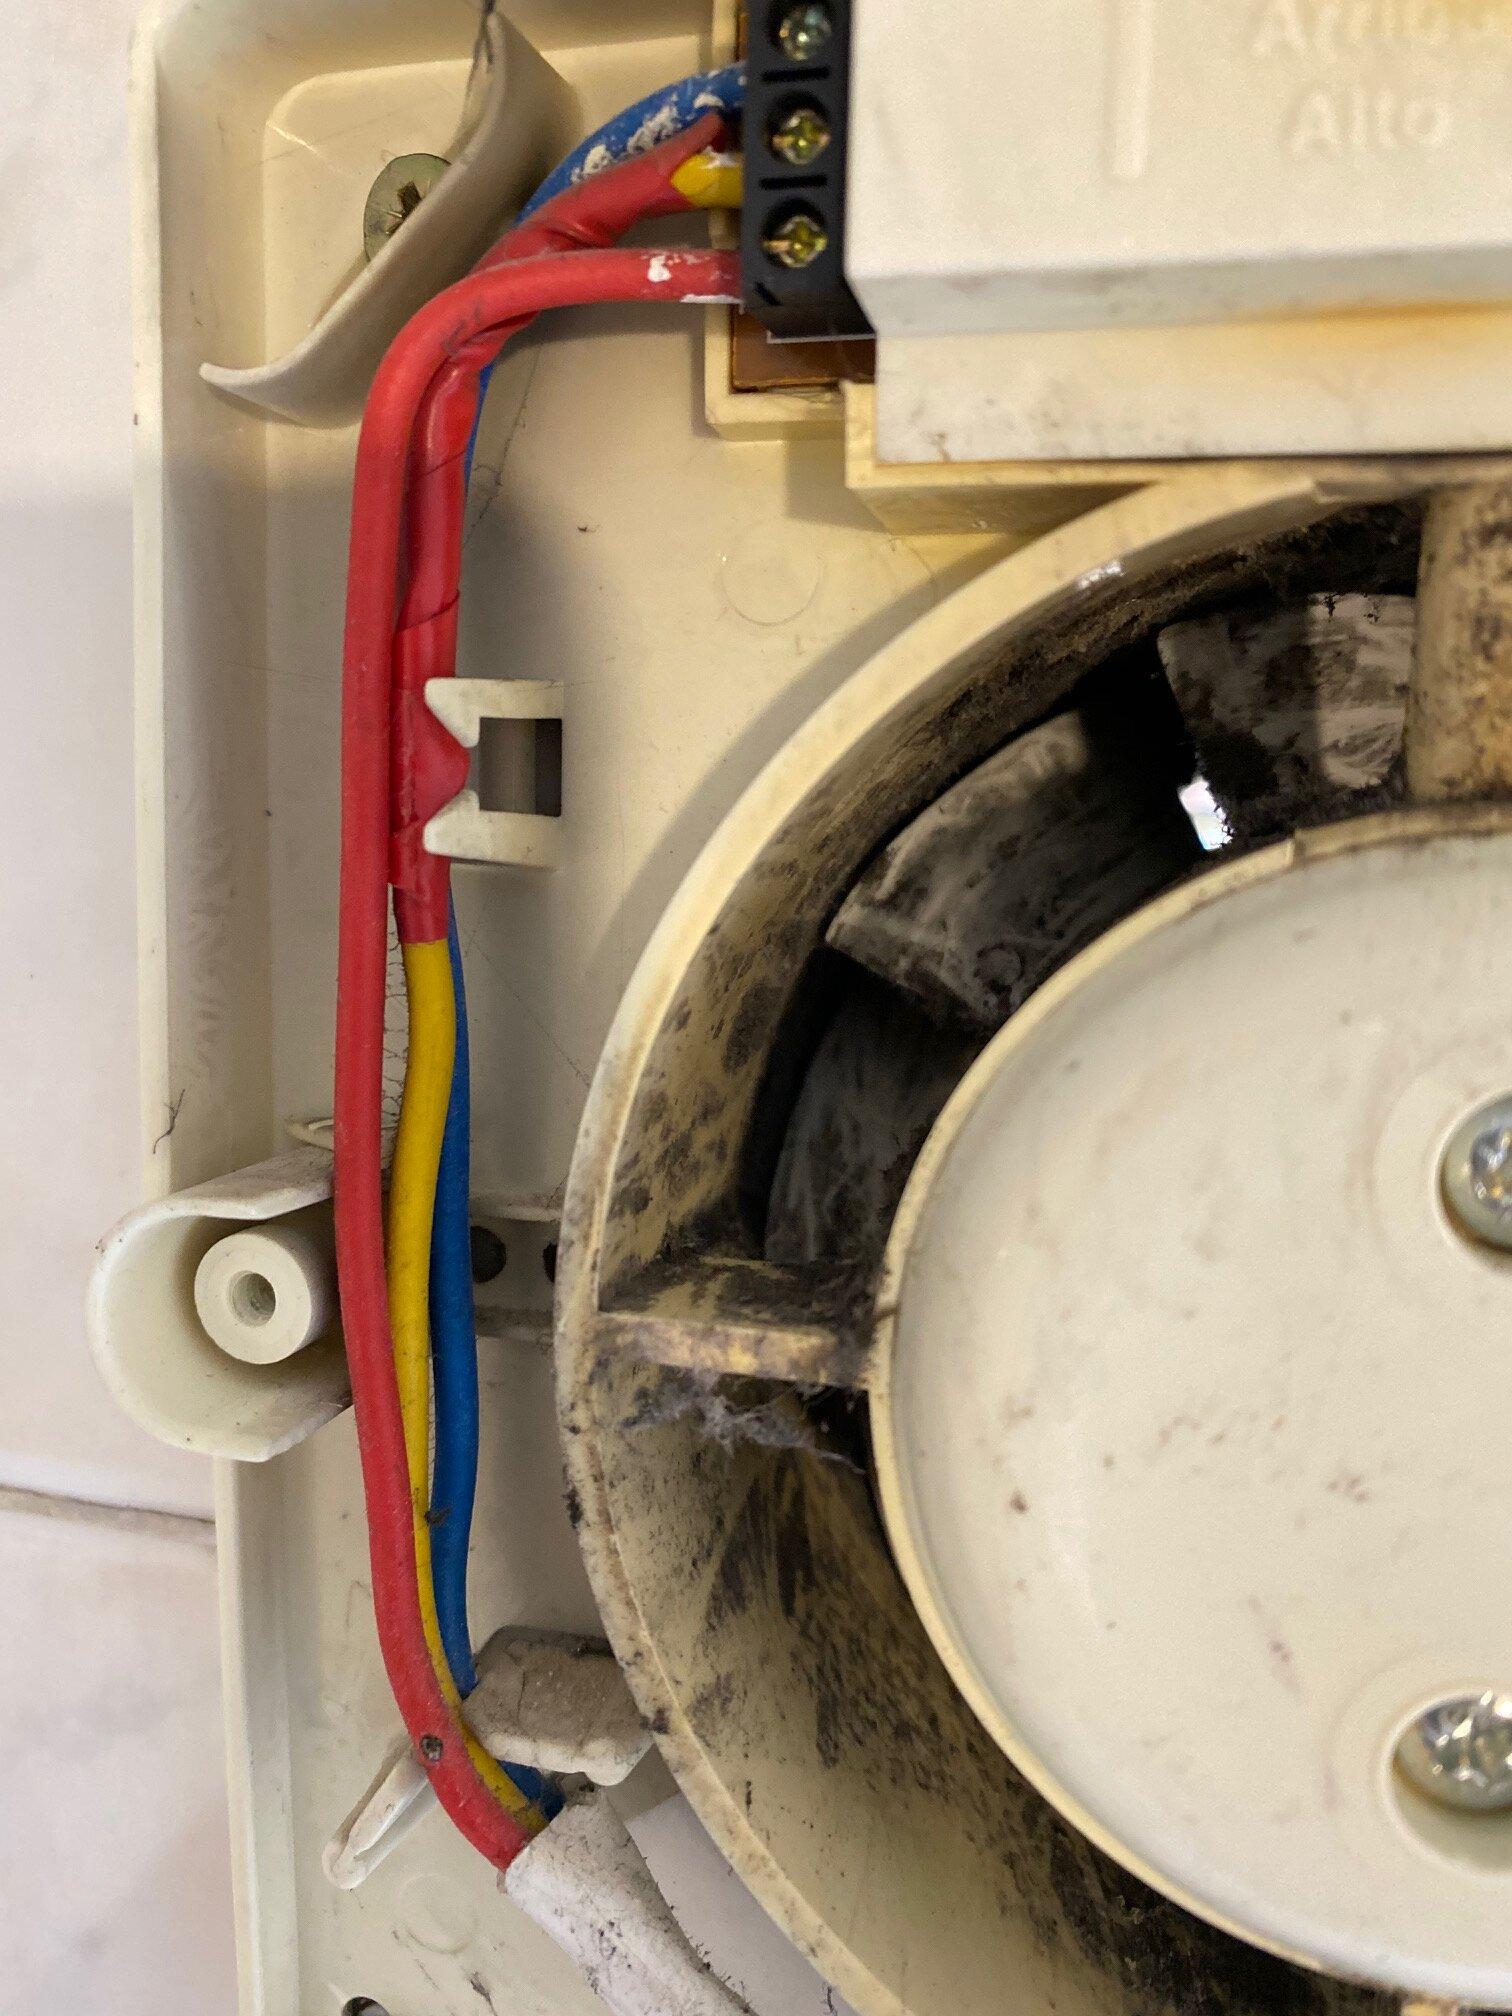 How to wire bathroom extractor fan | AVForums Wiring Extractor Fan on blade fan, barrel fan, tube fan, clip fan, fan fan, iron fan, cylinder fan, heater fan, vacuum fan, tripod fan, oven fan, light fan, stove fan, evaporator fan, cabinet fan, compressor fan, animated fan, upright fan, vent fan, hive fan,